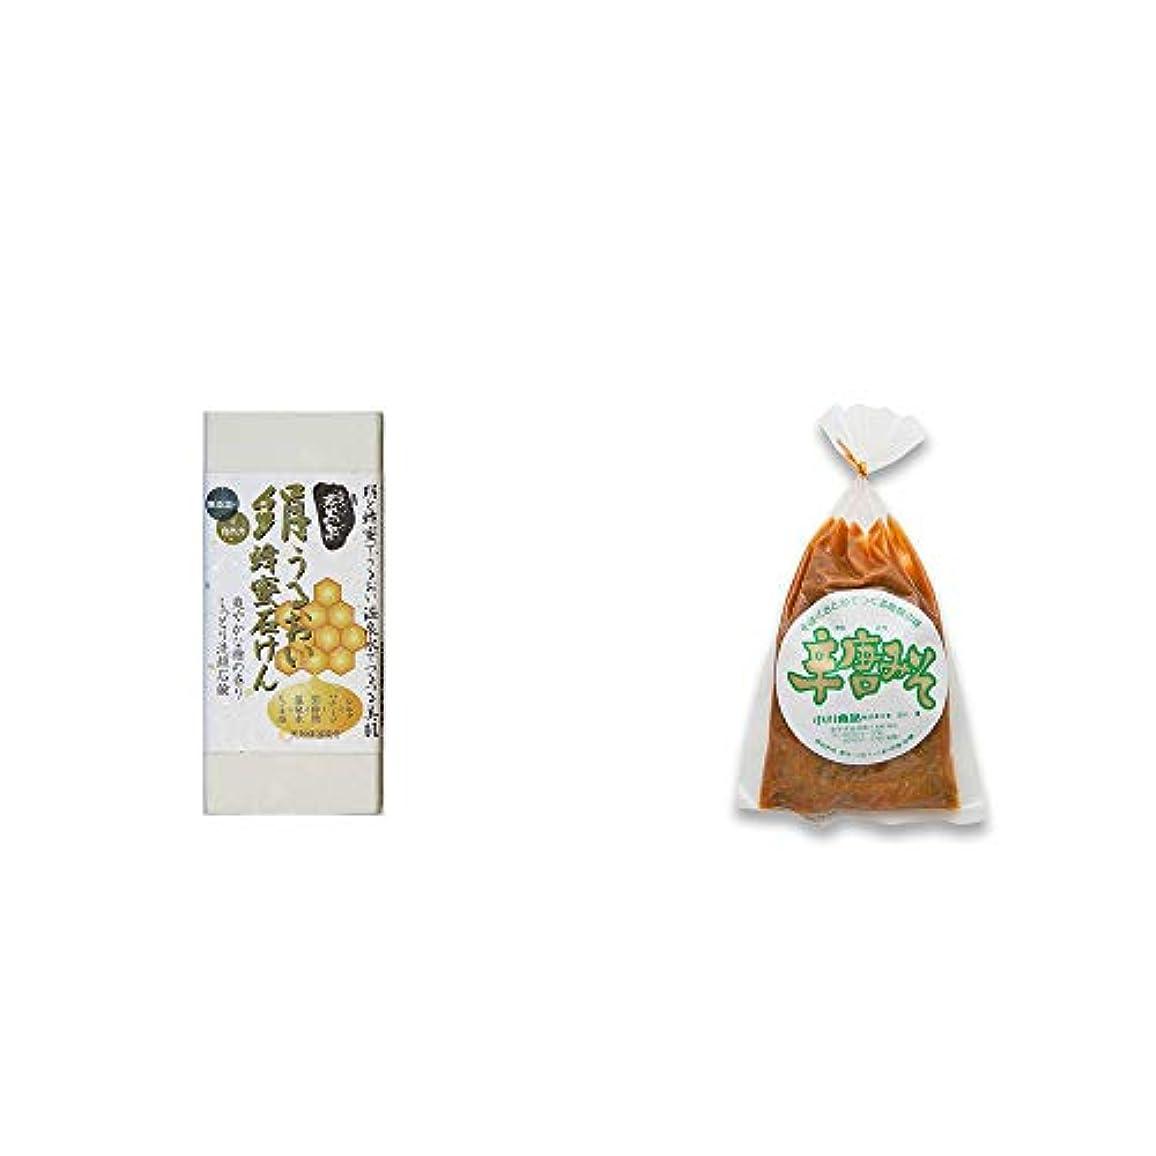 摩擦結果サリー[2点セット] ひのき炭黒泉 絹うるおい蜂蜜石けん(75g×2)?辛唐みそ(130g)